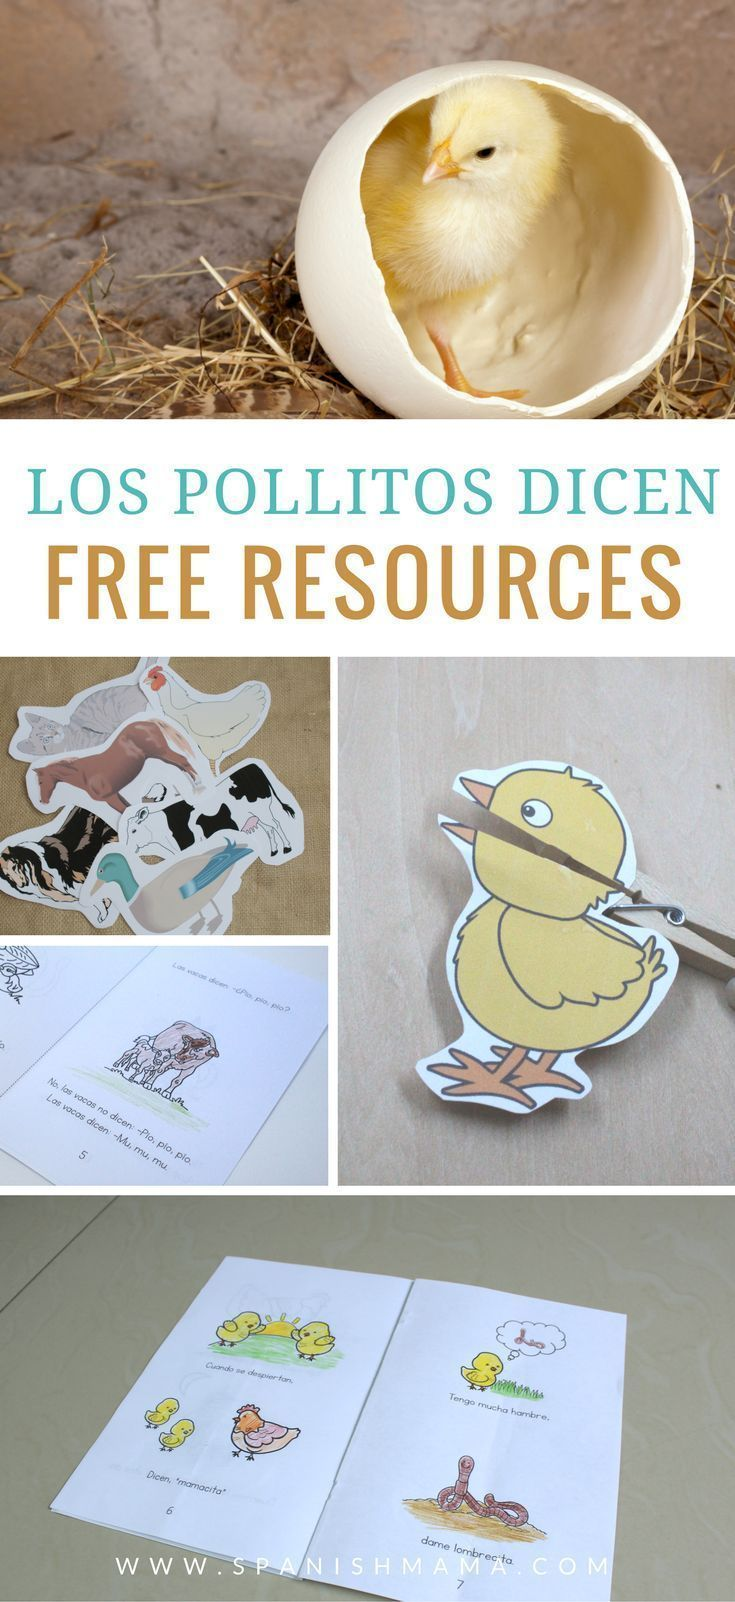 Los Pollitos Dicen Pio Pio Pio Lyrics And Free Printables